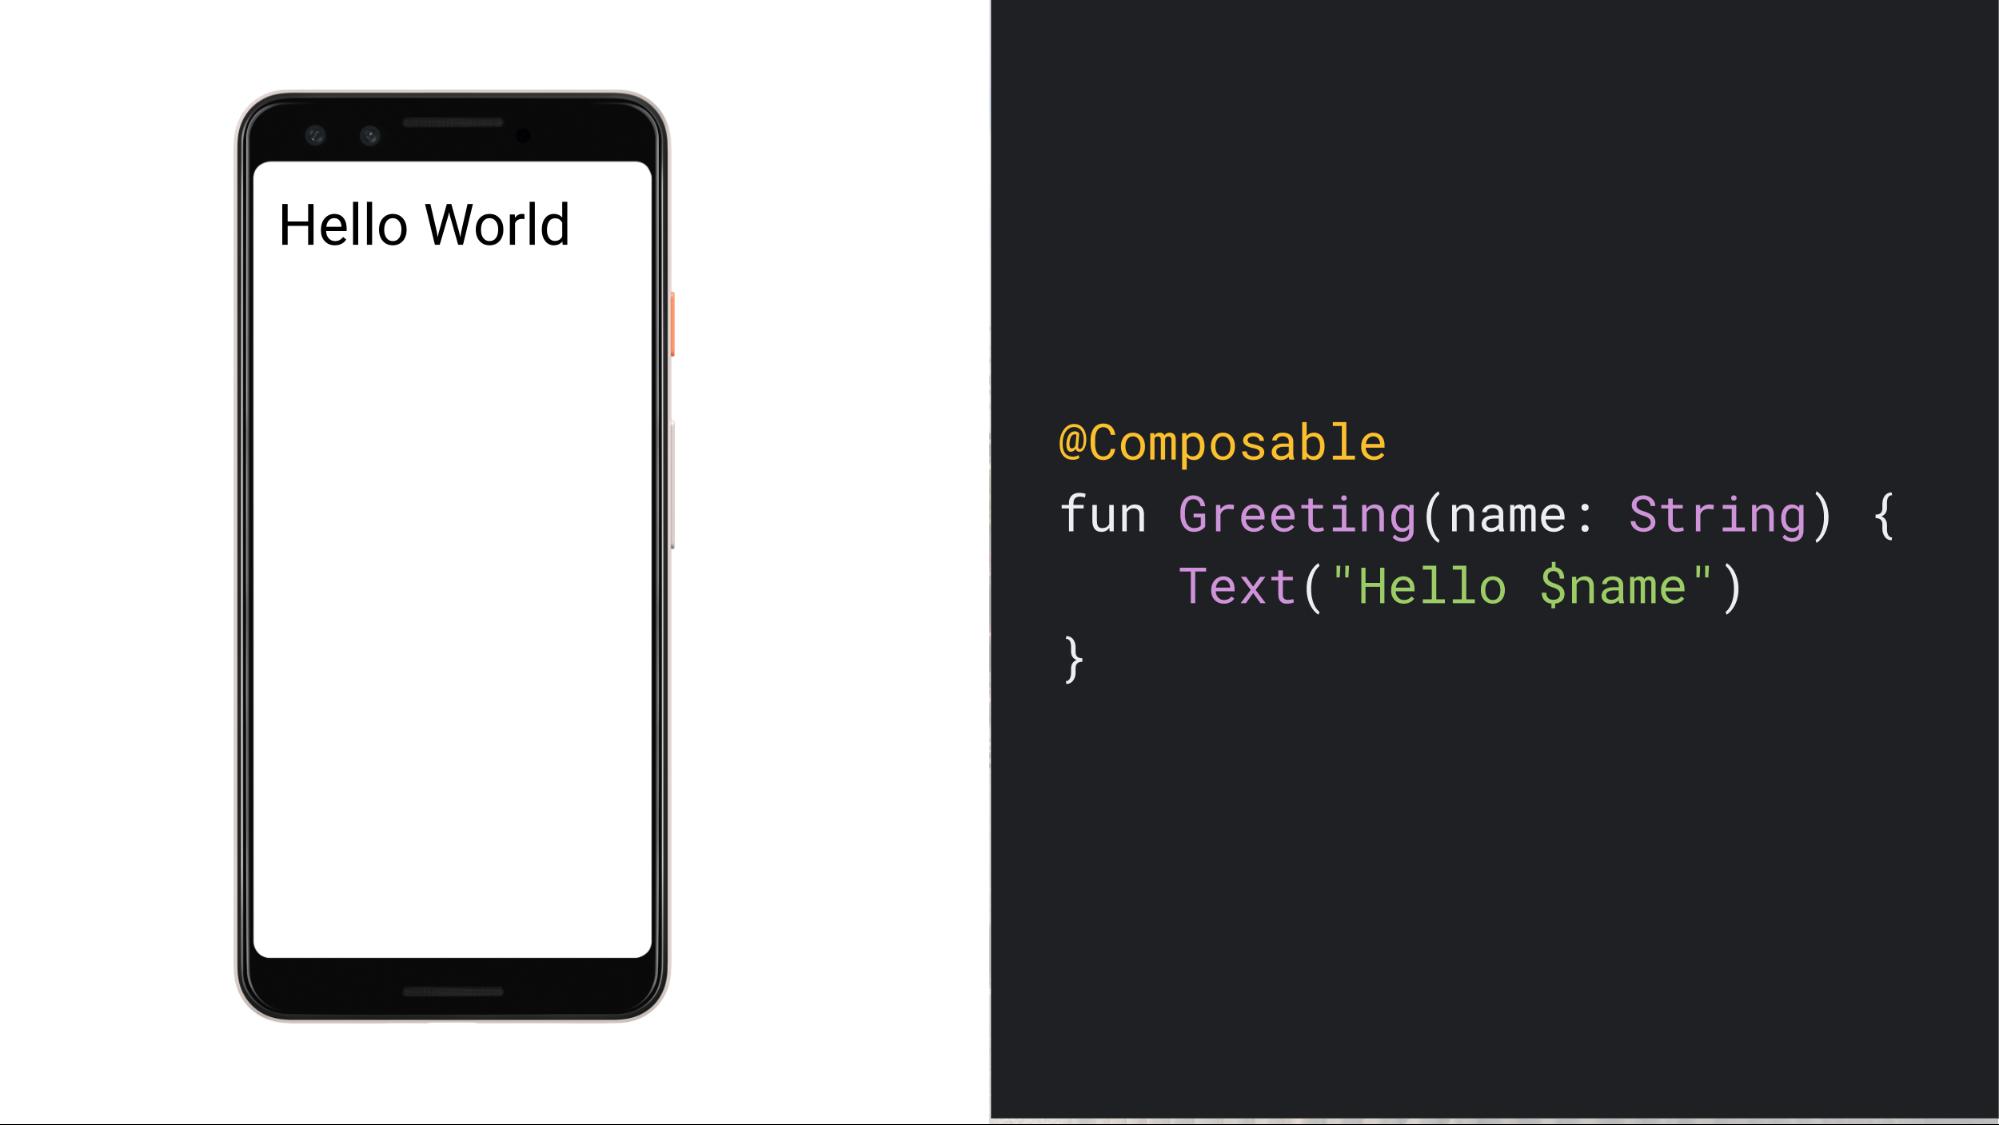 """Captura de tela de um smartphone mostrando o texto """"Hello World"""" e o código da função simples que pode ser composta que gera essa IU"""